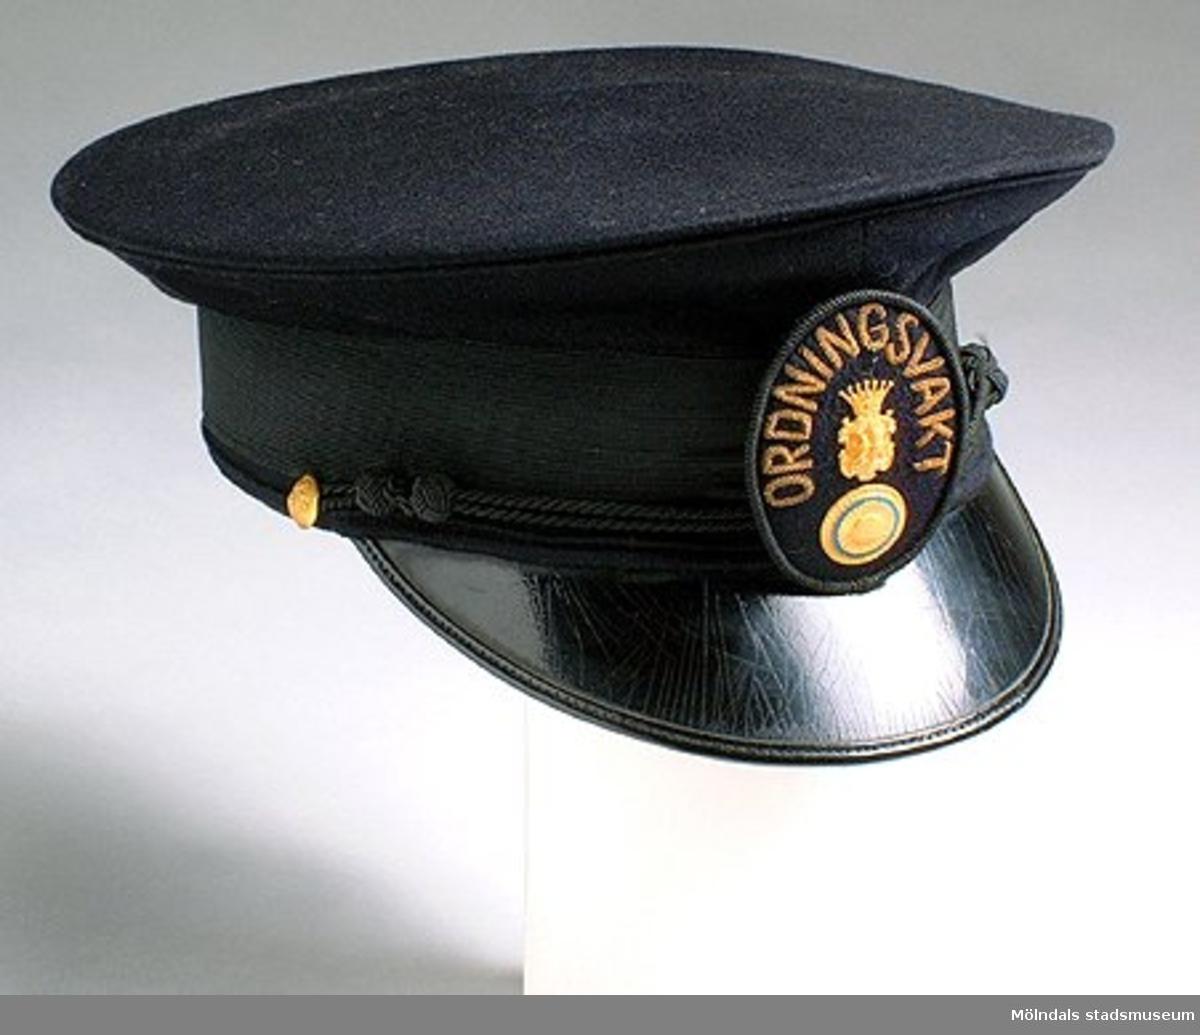 """Blå uniformshatt med skärm. Märke med """"Ordningsvakt"""" på. Sven Kjellberg var ordningsvakt vid dansbanan på Blåbärskullen i Mölnlycke. Arbetade i väveriet på Mölnlycke fabriker 1916-1969."""